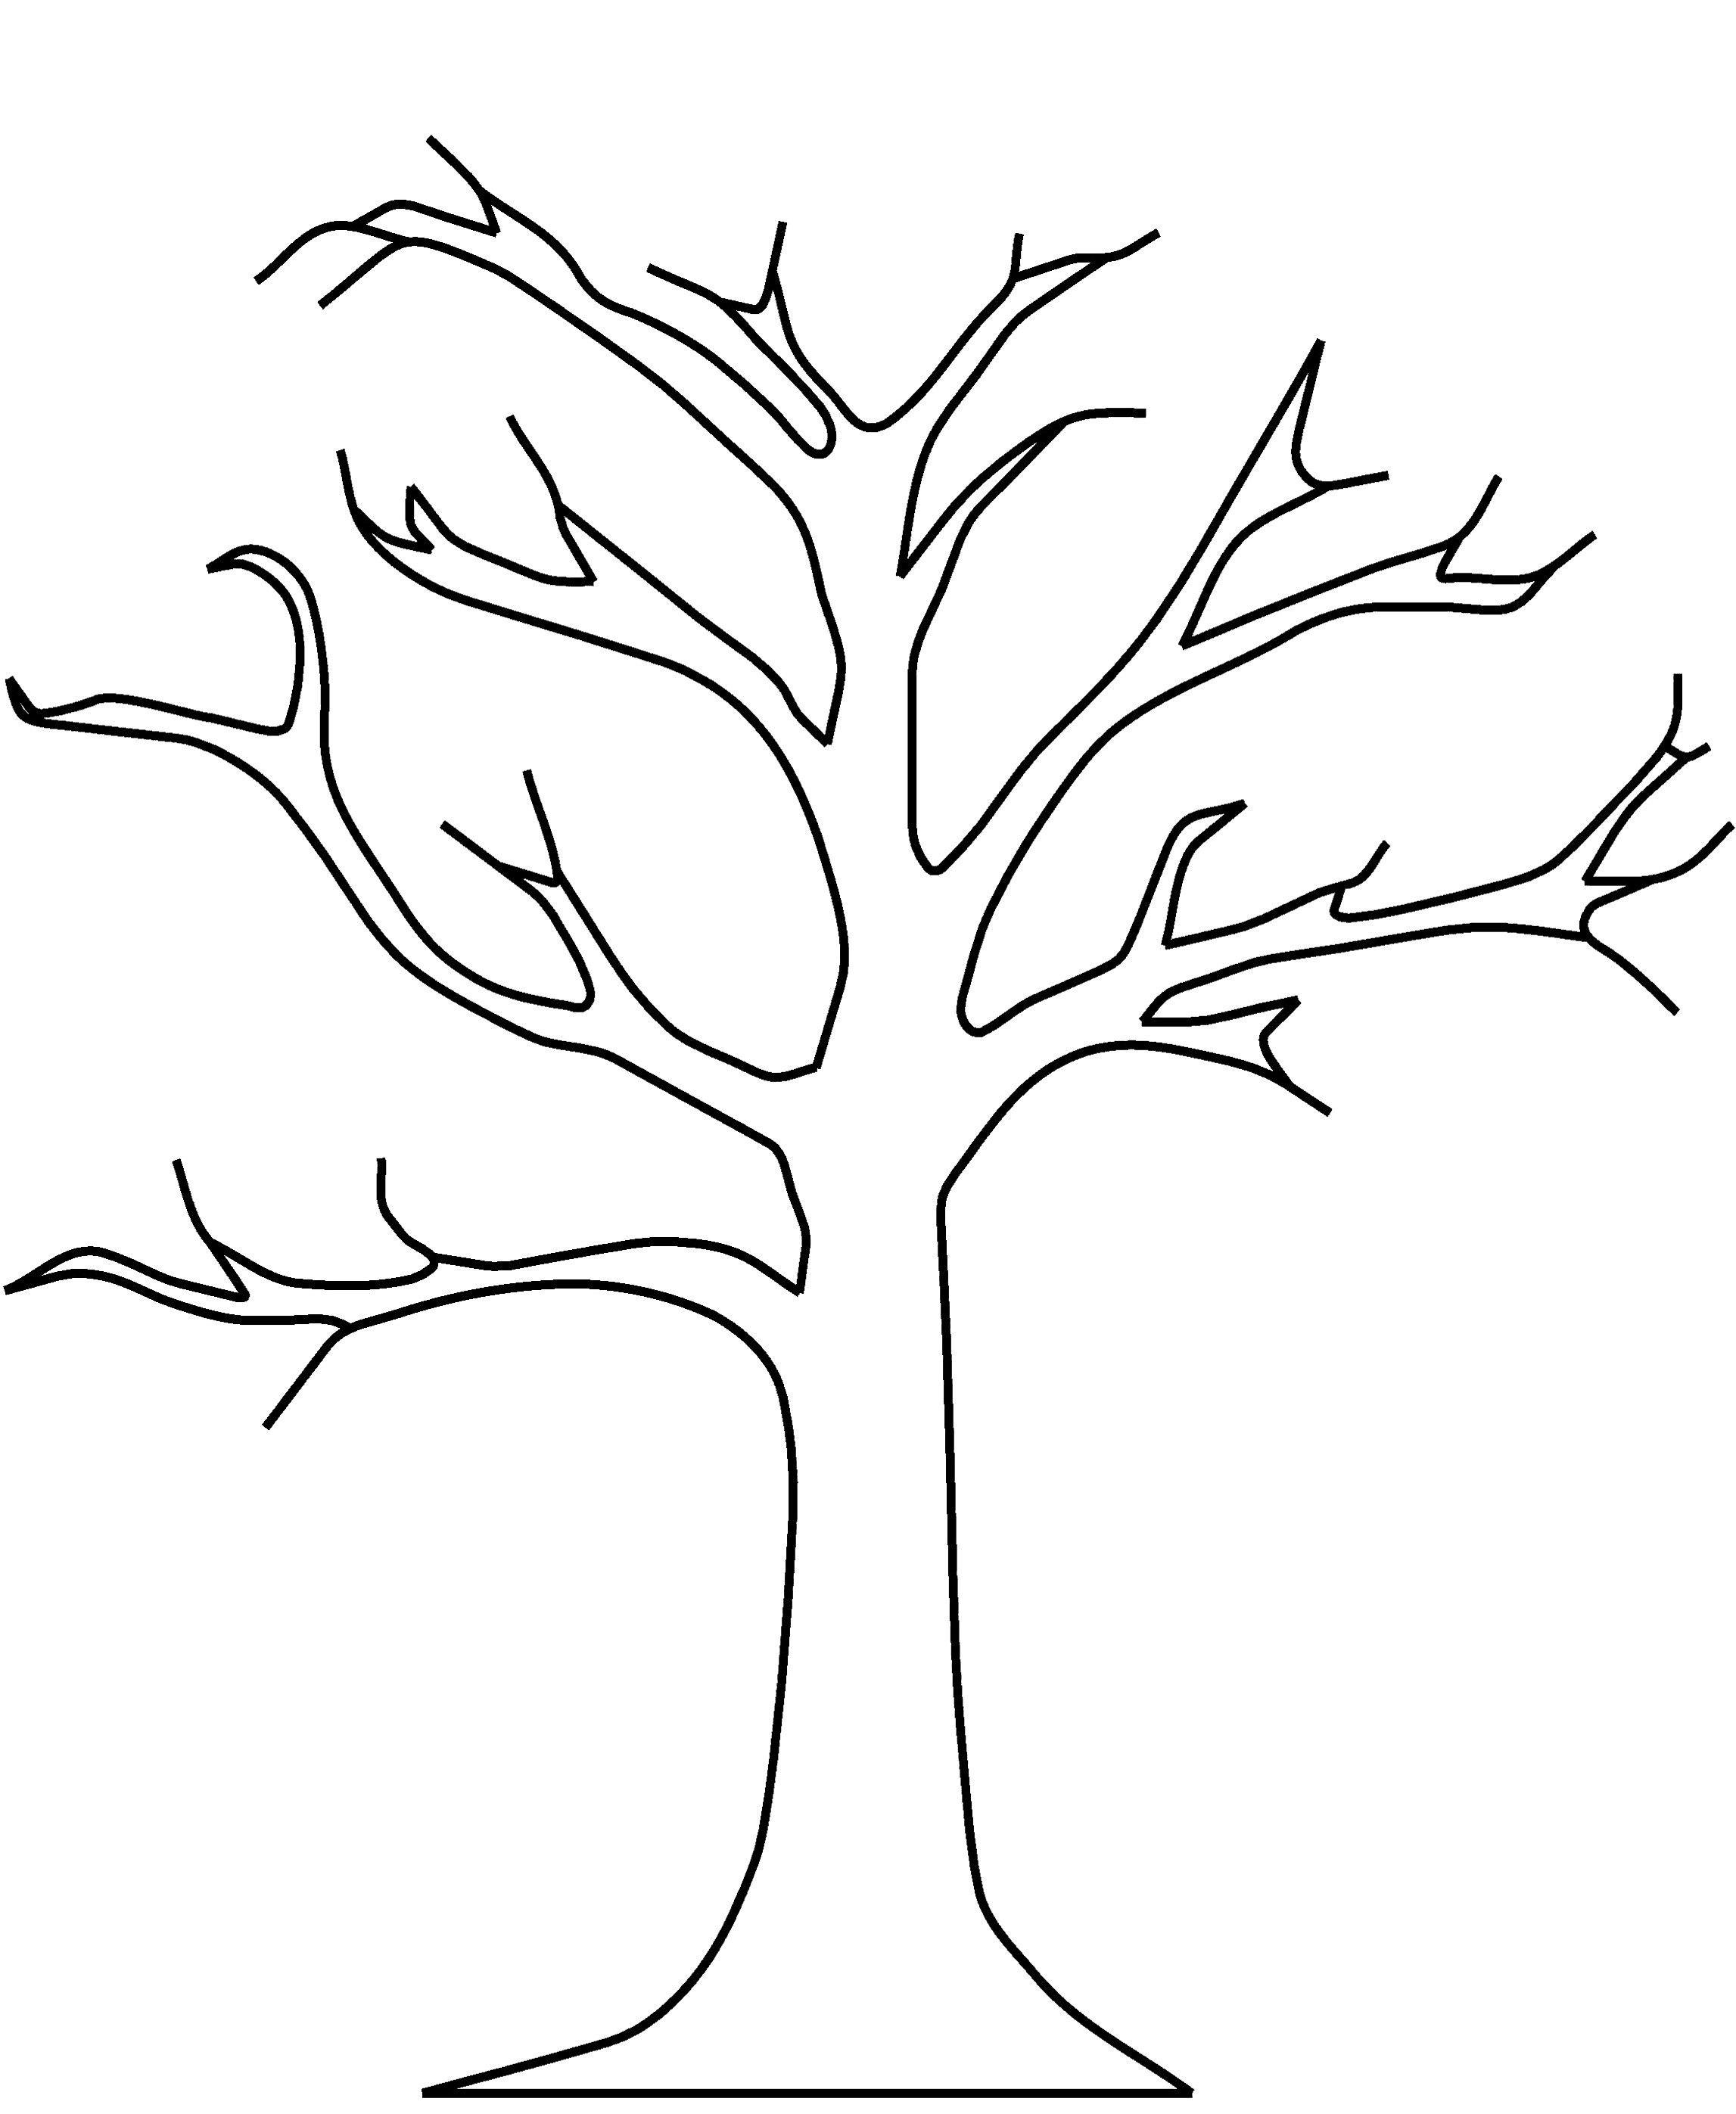 Malvorlage Baum Kostenlos 01 #art #simple #drawings Baum